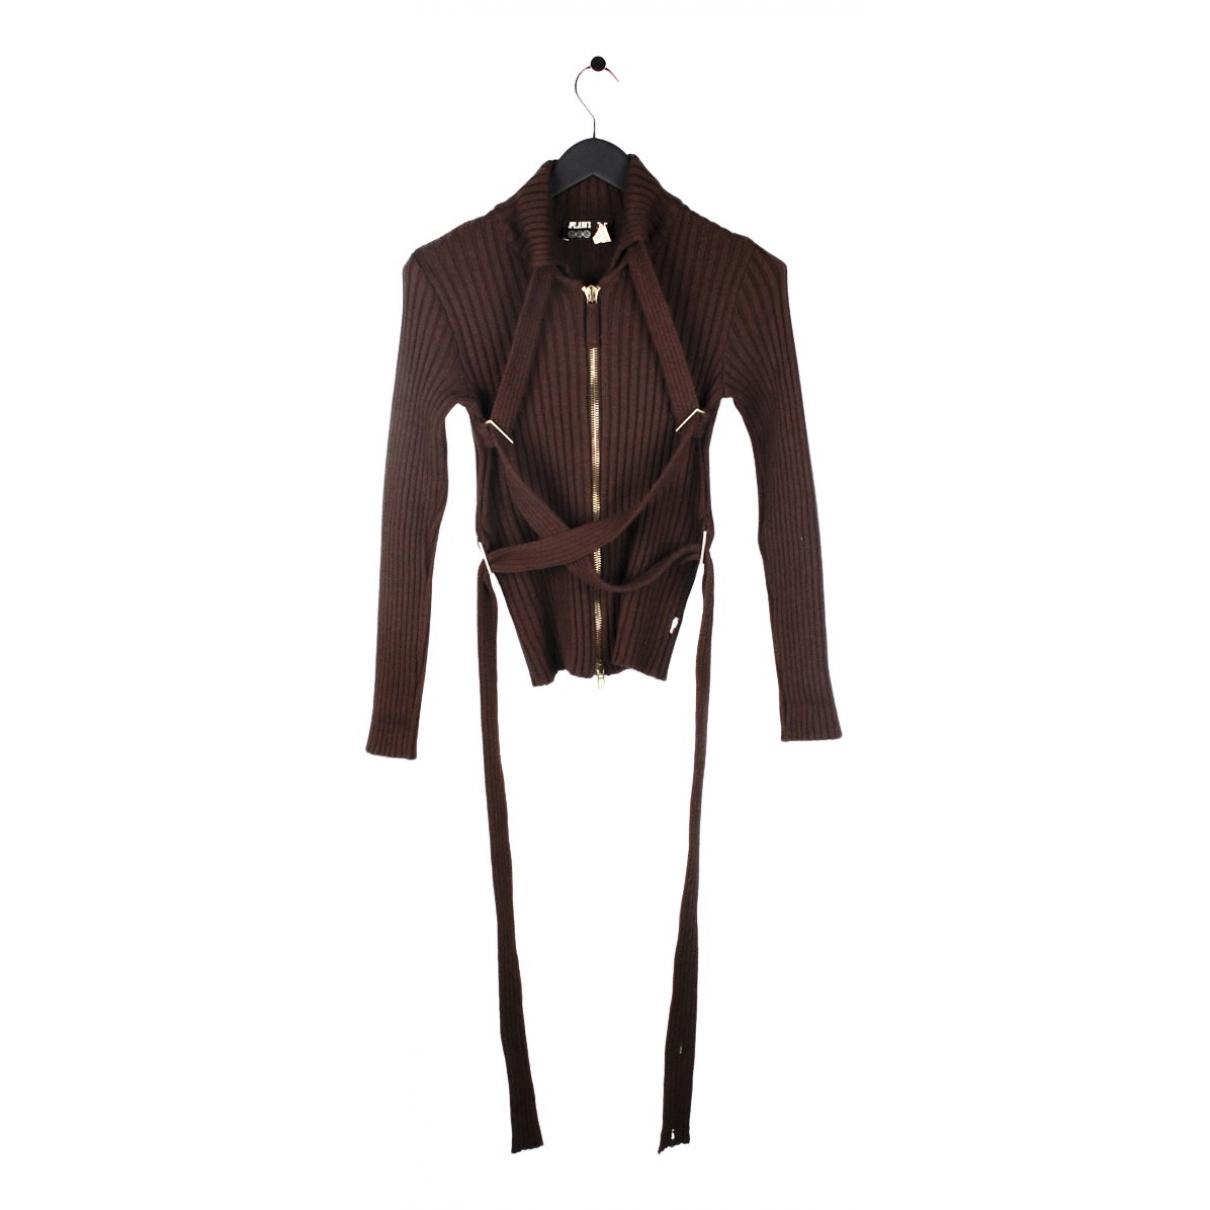 Jean Paul Gaultier N Brown Wool Knitwear for Women S International